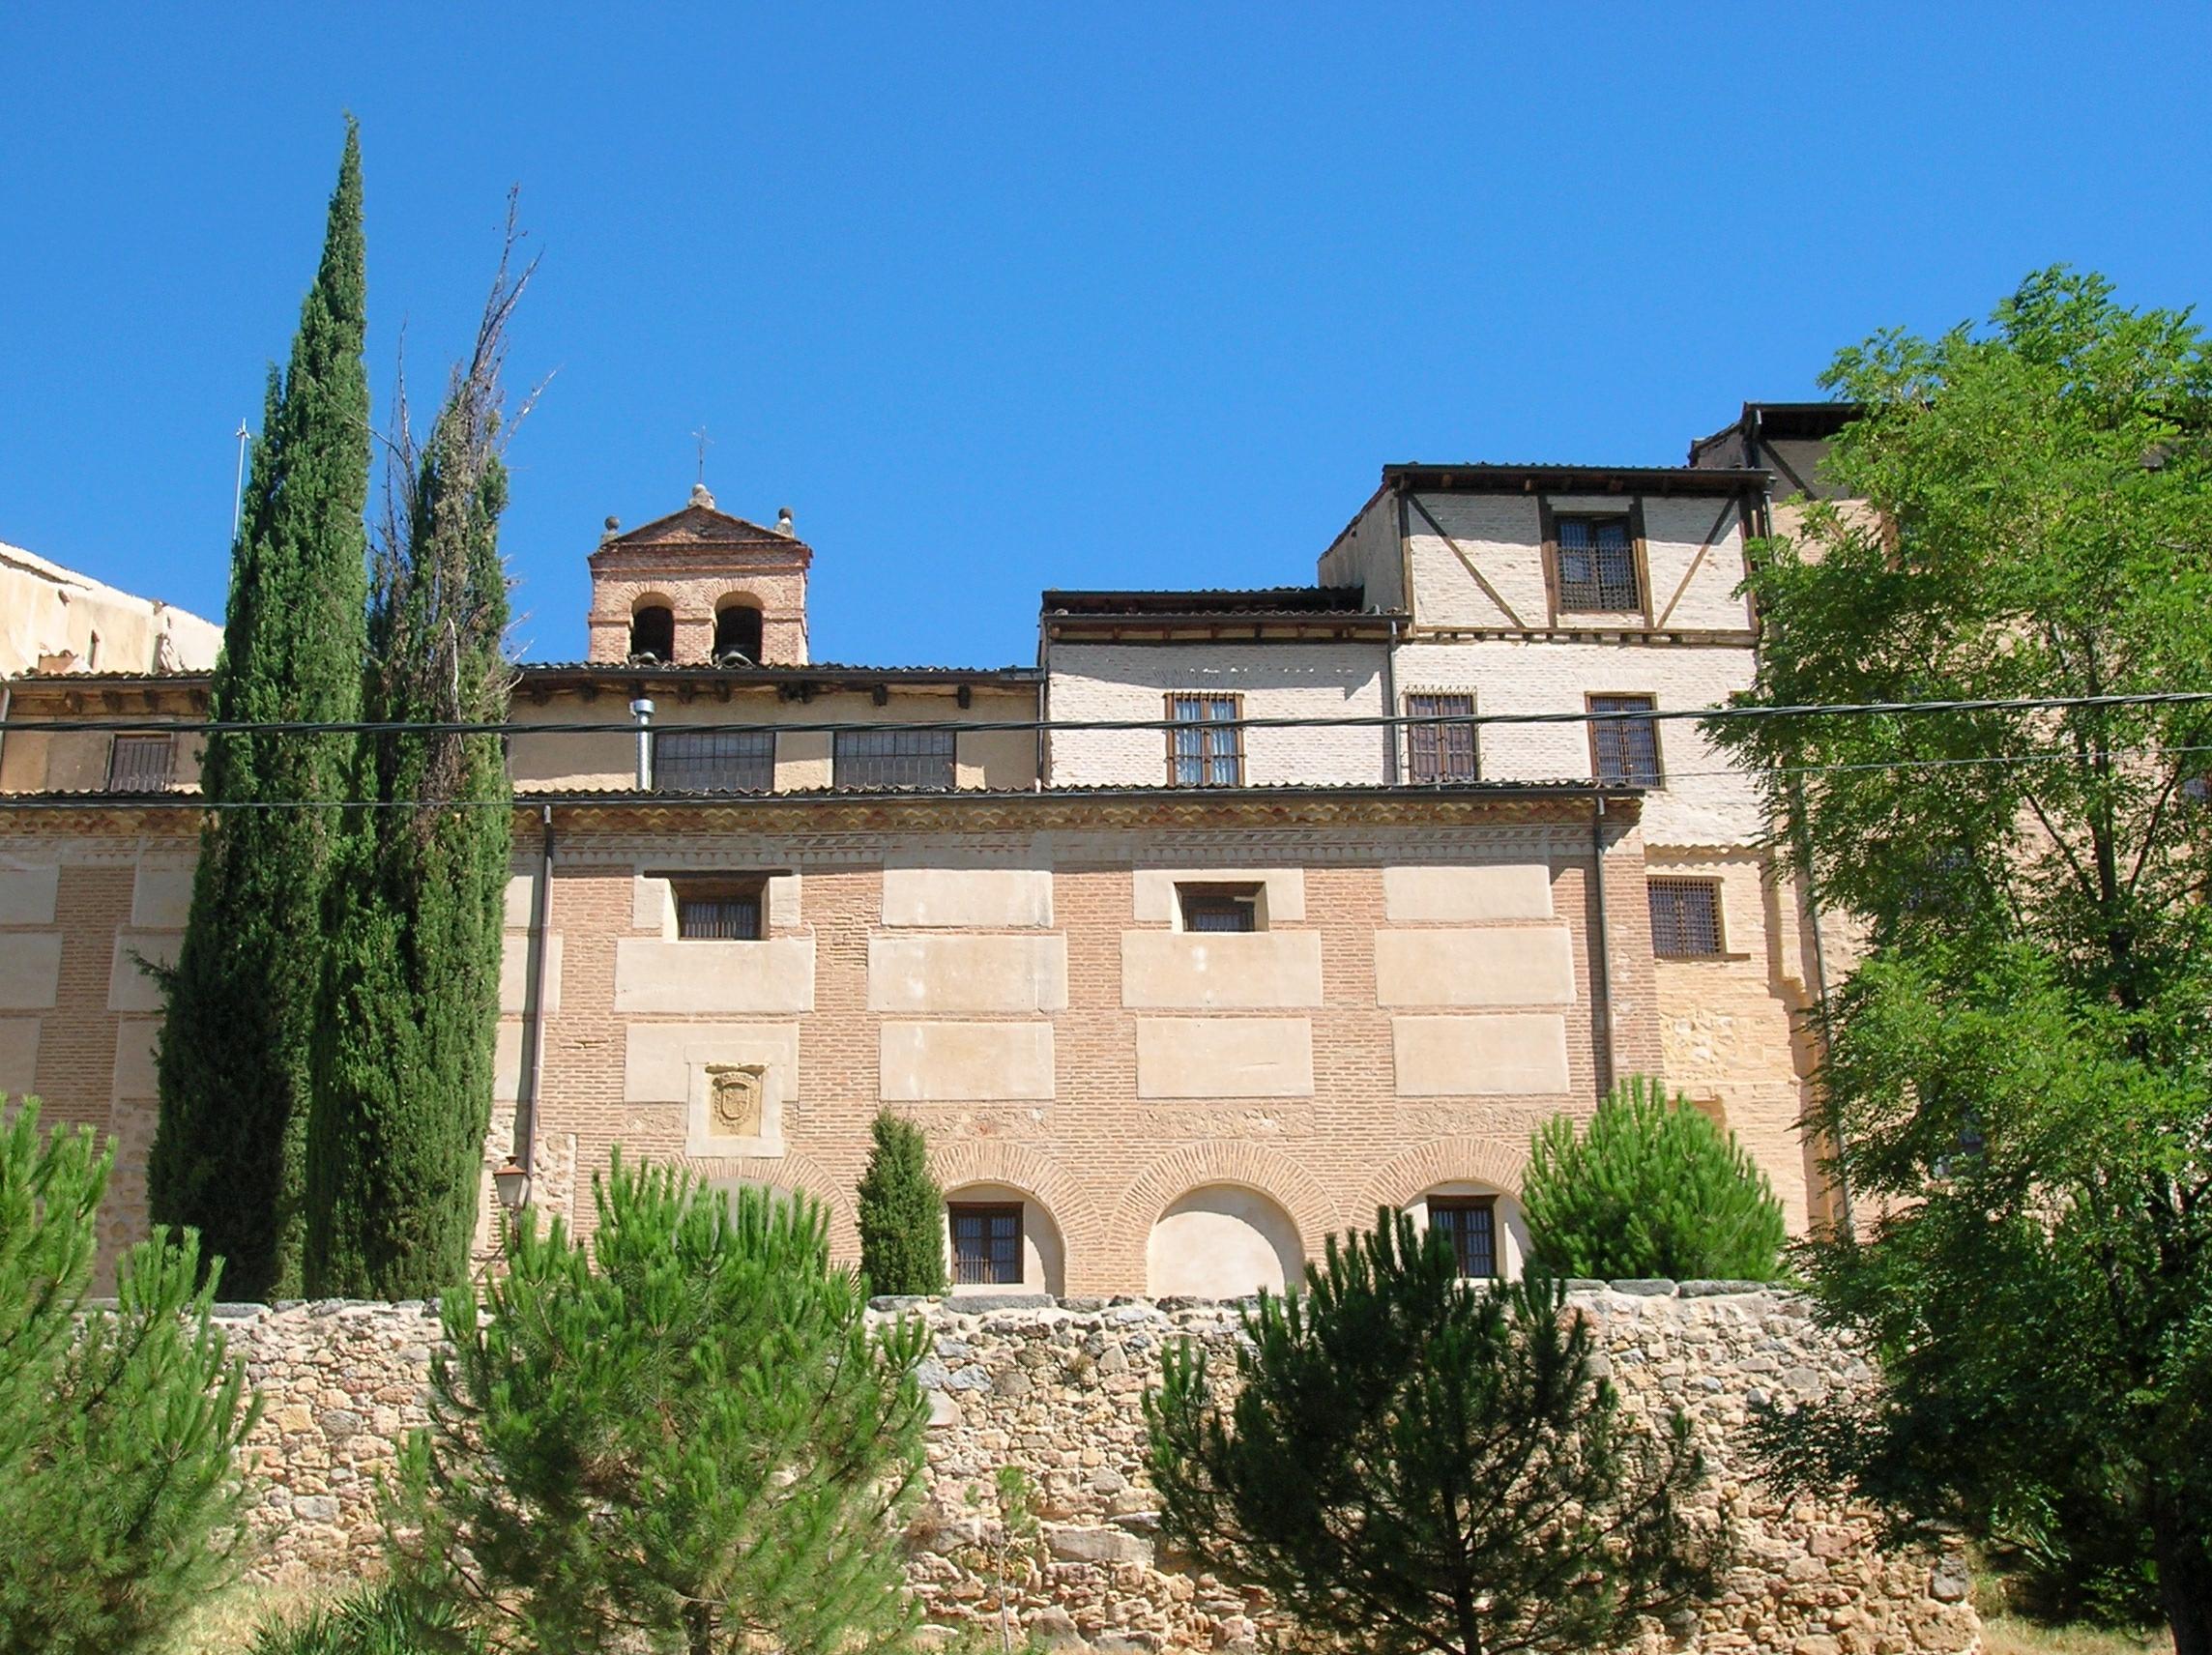 Monasterio de san vicente el real viajes en oferta for Busco hotel barato en barcelona